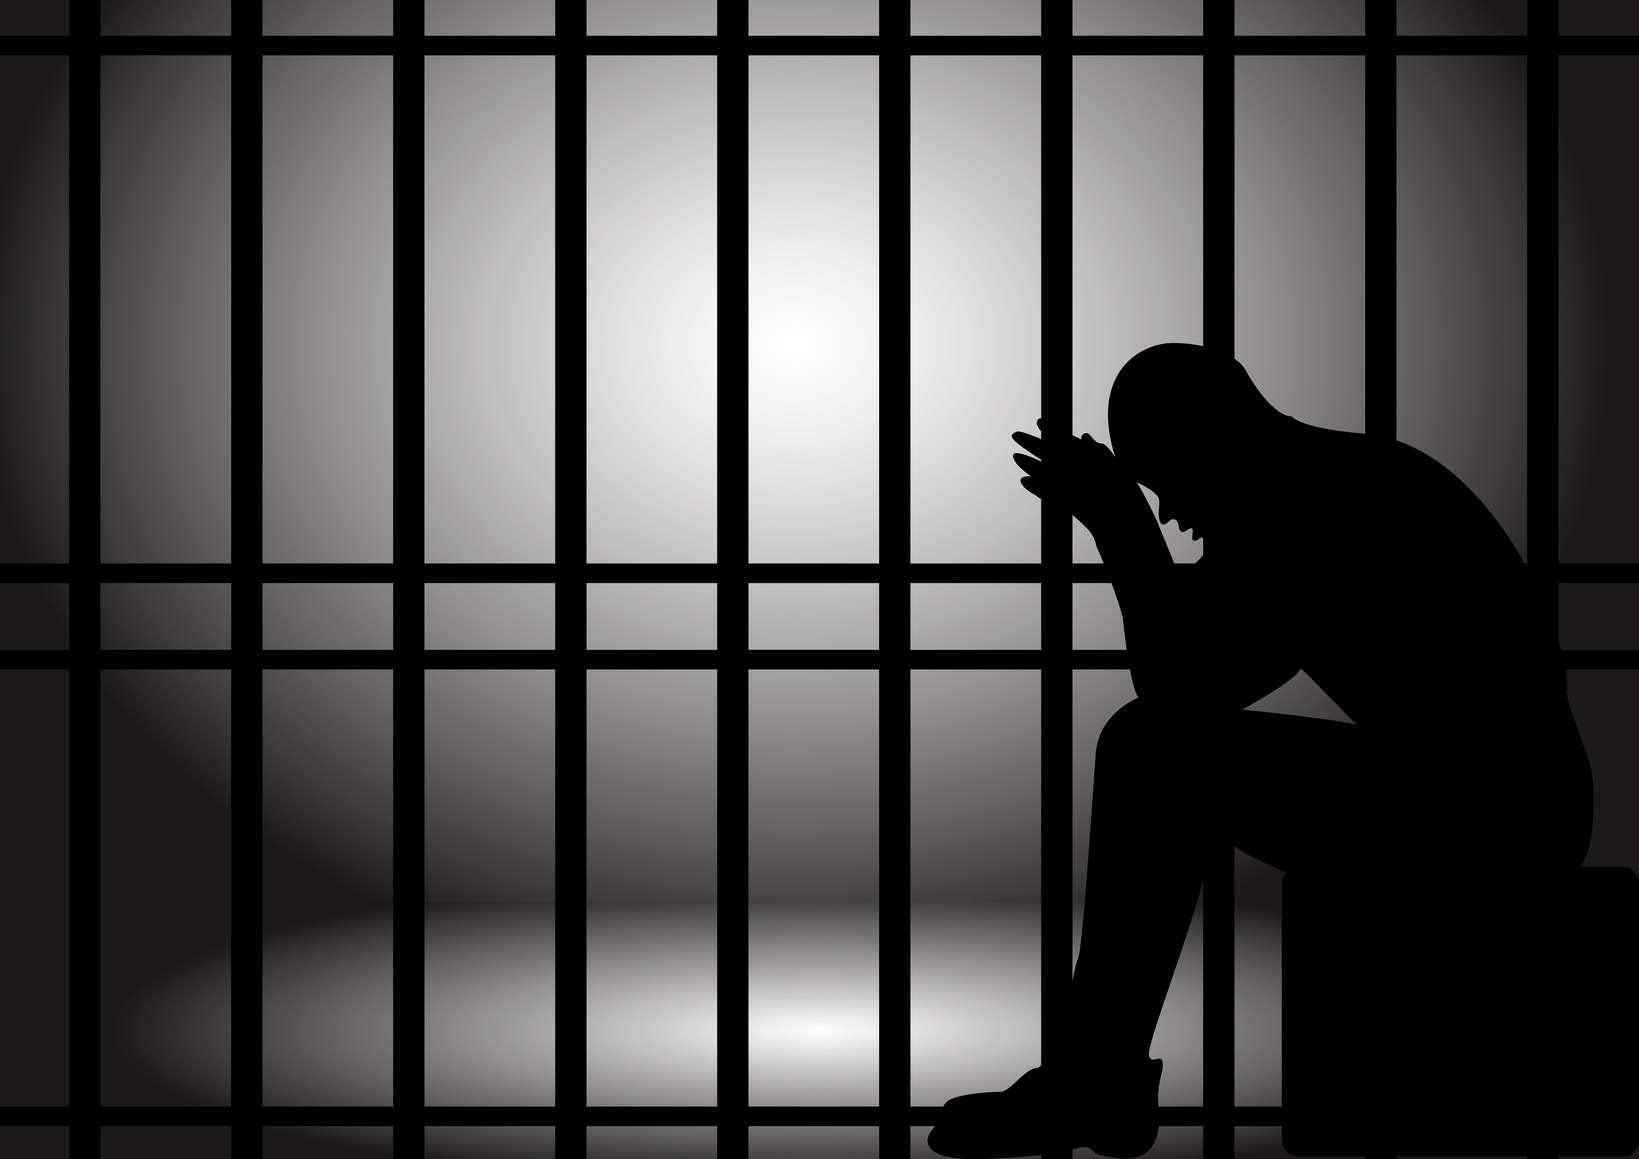 risarcimento-per-il-detenuto-in-cella-con-meno-di-3-metri